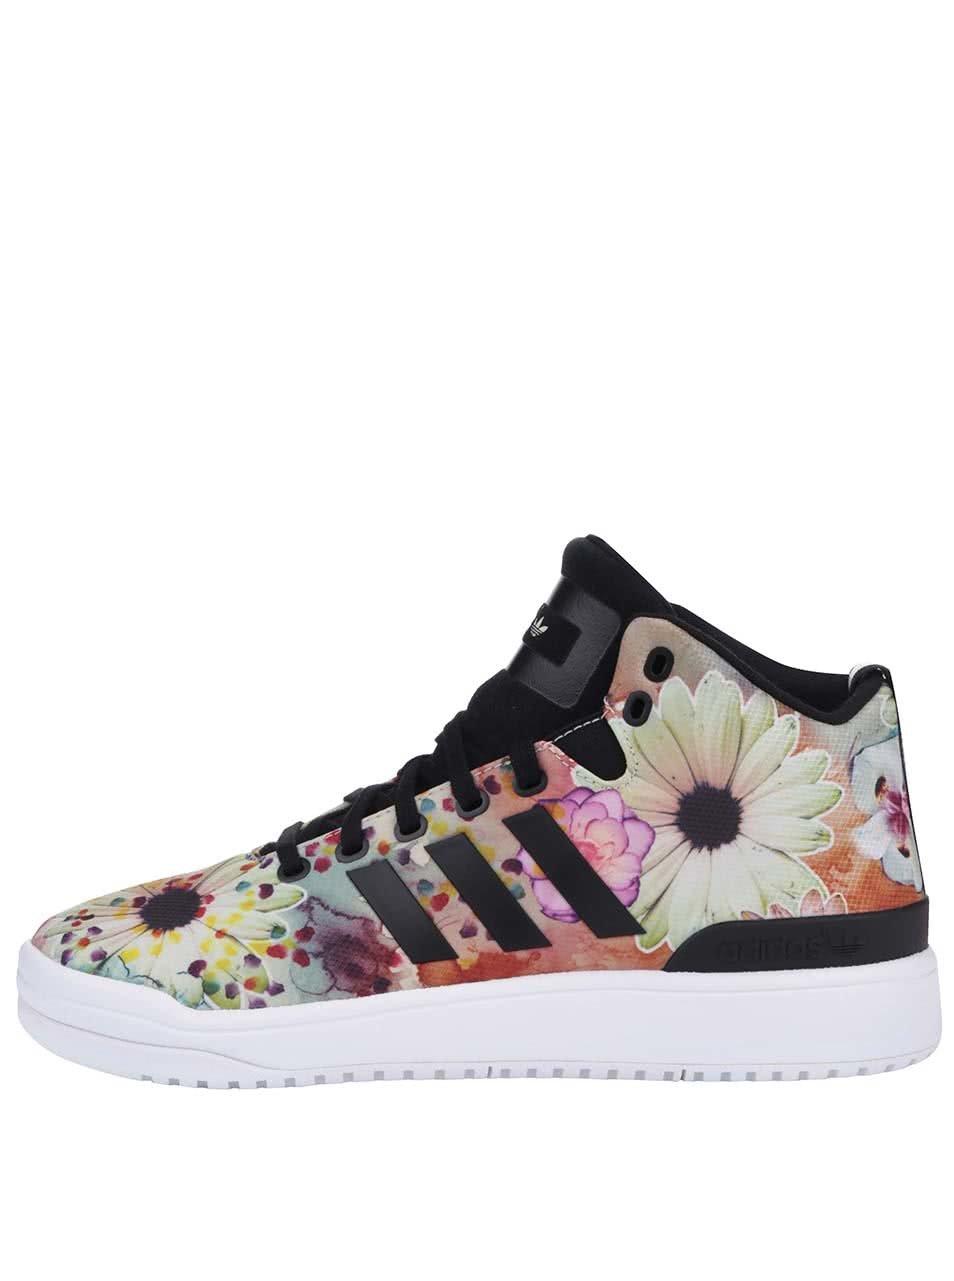 Farebné dámske členkové tenisky s potlačou adidas Originals Veritas W ... 031b57d3596